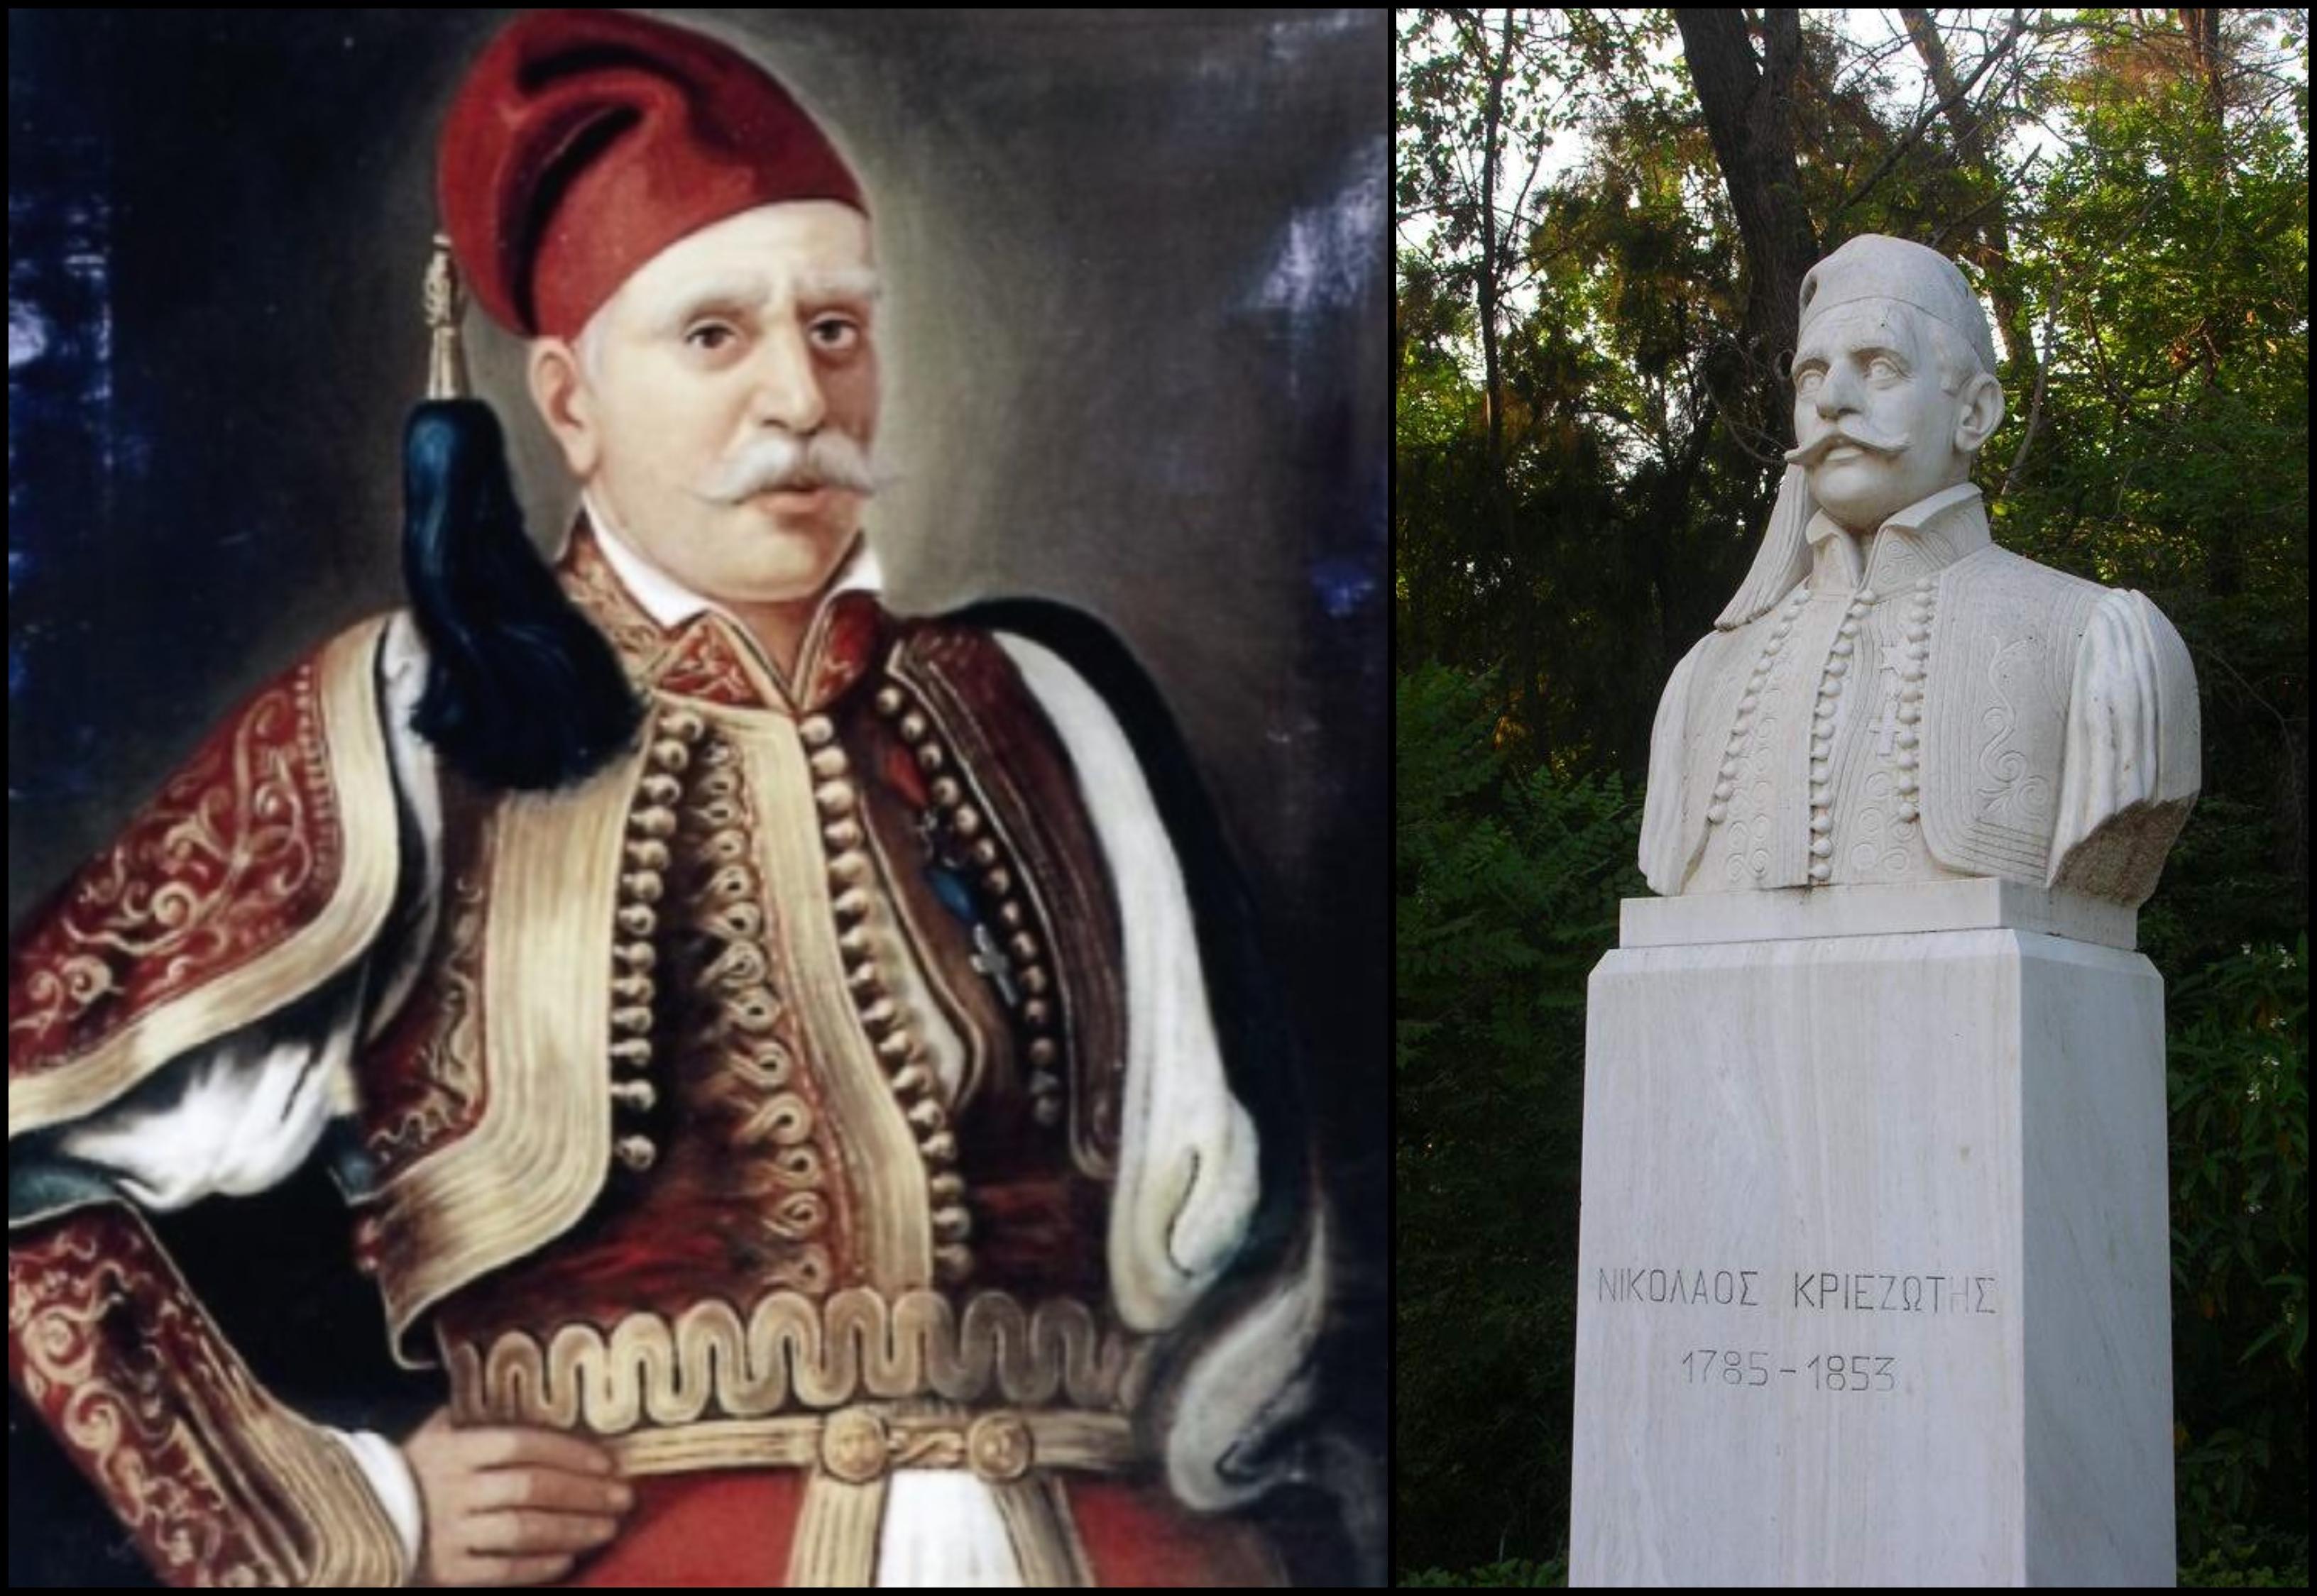 Νικόλαος Kριεζιώτης. Από βοσκός έγινε οπλαρχηγός της Εύβοιας. Η μάχη που τον εδραίωσε και το κόλπο με τις μέλισσες